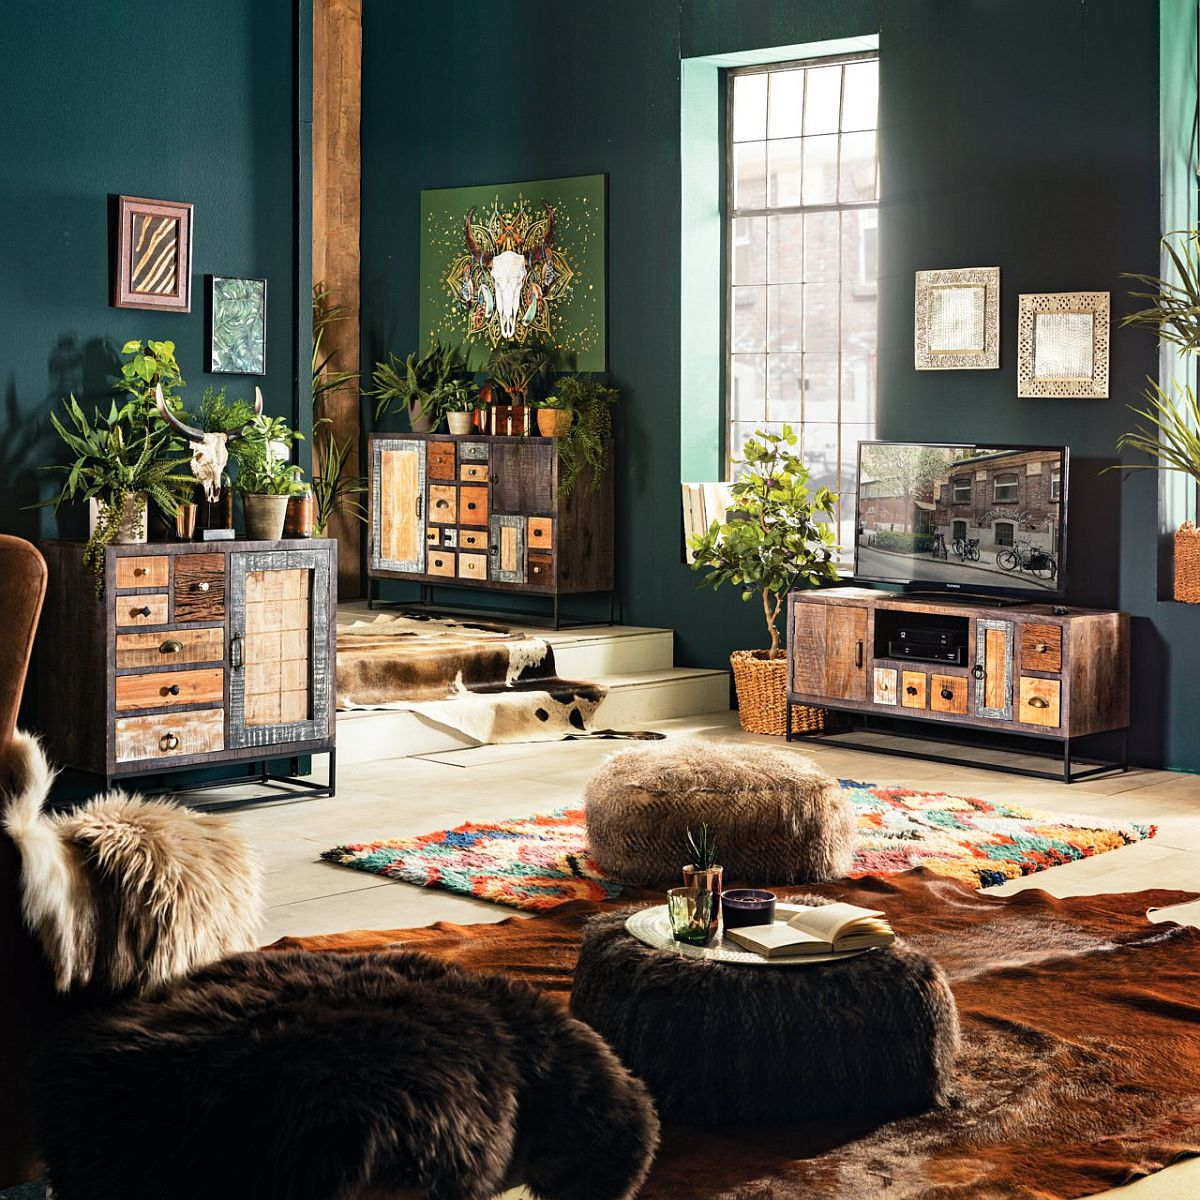 Gama de mobilier Amal. Vezi tipuri de piese, materiale, dimensiuni și prețuri AICI.